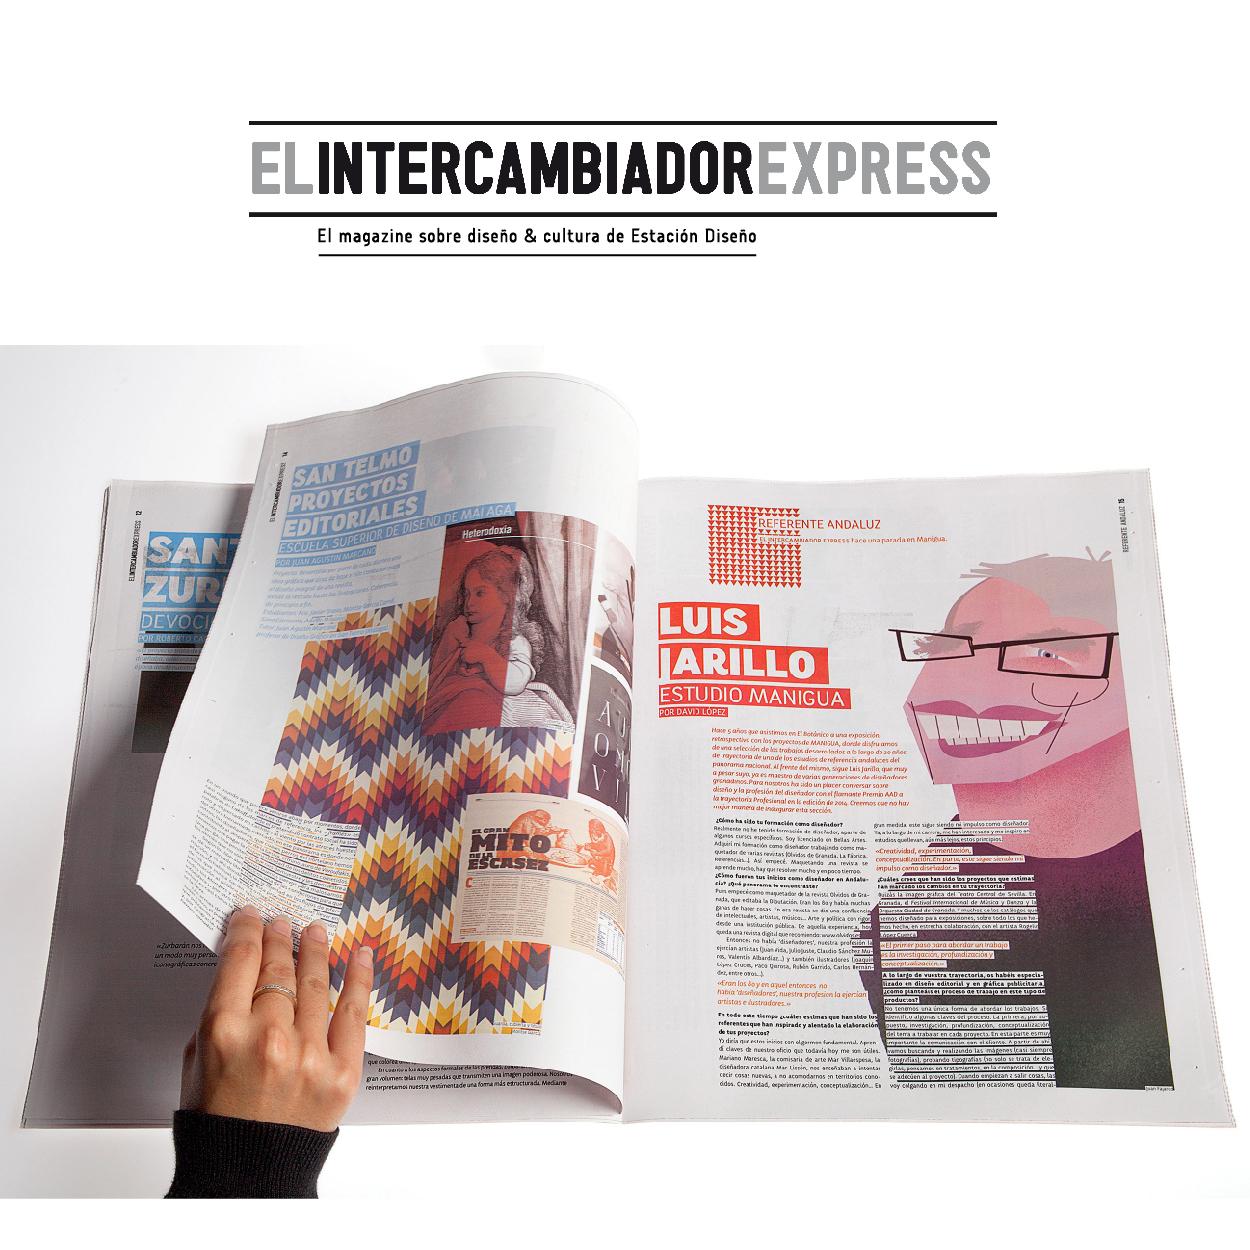 El Intercambiador Express. El magazine sobre diseño y cultura de Estación Diseño by Varios autores - Creative Work - $i